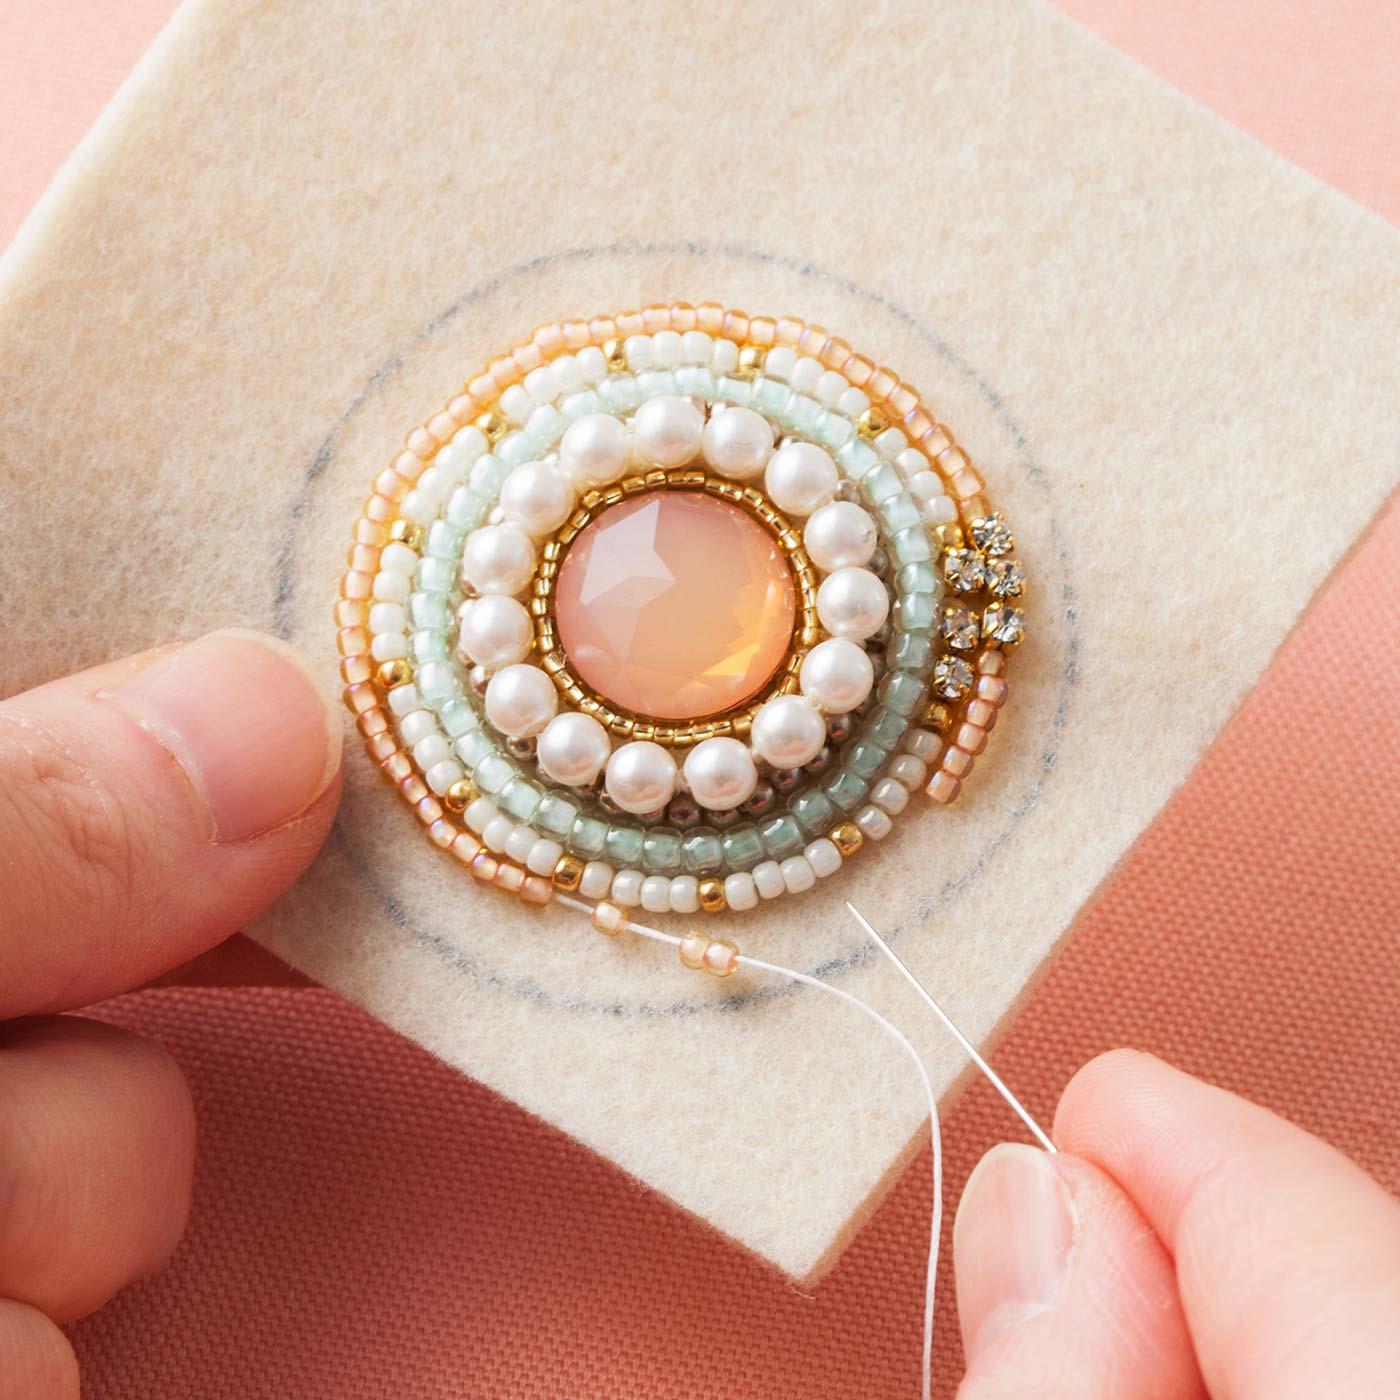 Couturier[クチュリエ]|ぐるぐる縫いとめて ビーズでふちどるきらきらビジューブローチの会|ビジューパーツの周囲をぐるぐるとビーズで縫いとめるだけ!